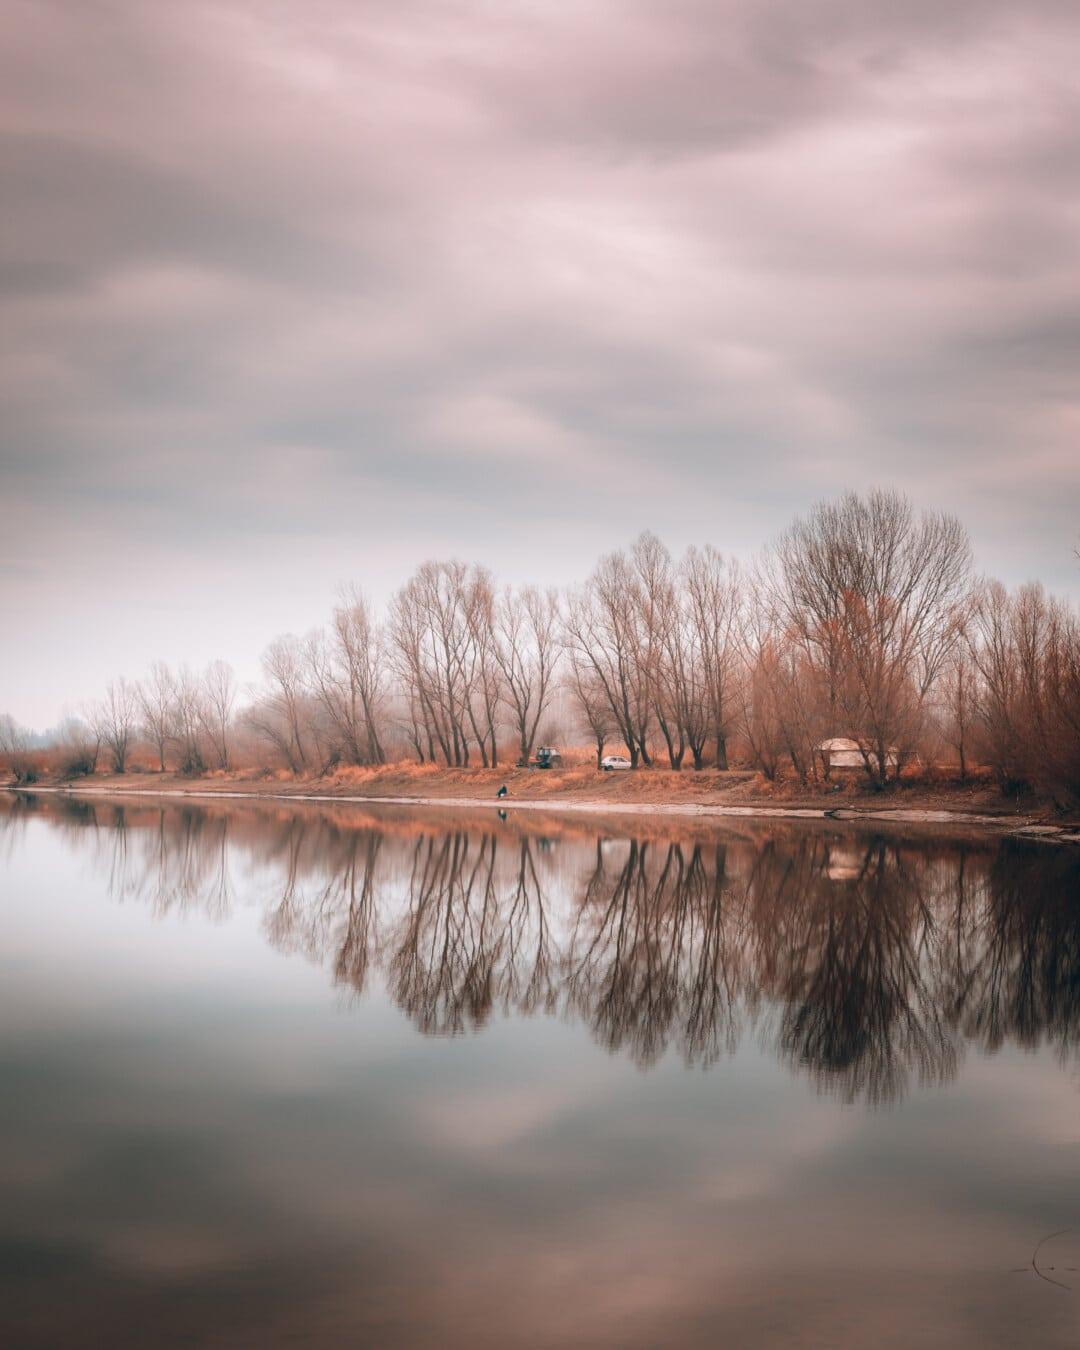 au bord du lac, saison de l'automne, mauvais temps, zone de villégiature, nuageux, paysage, arbre, réflexion, eau, Lac